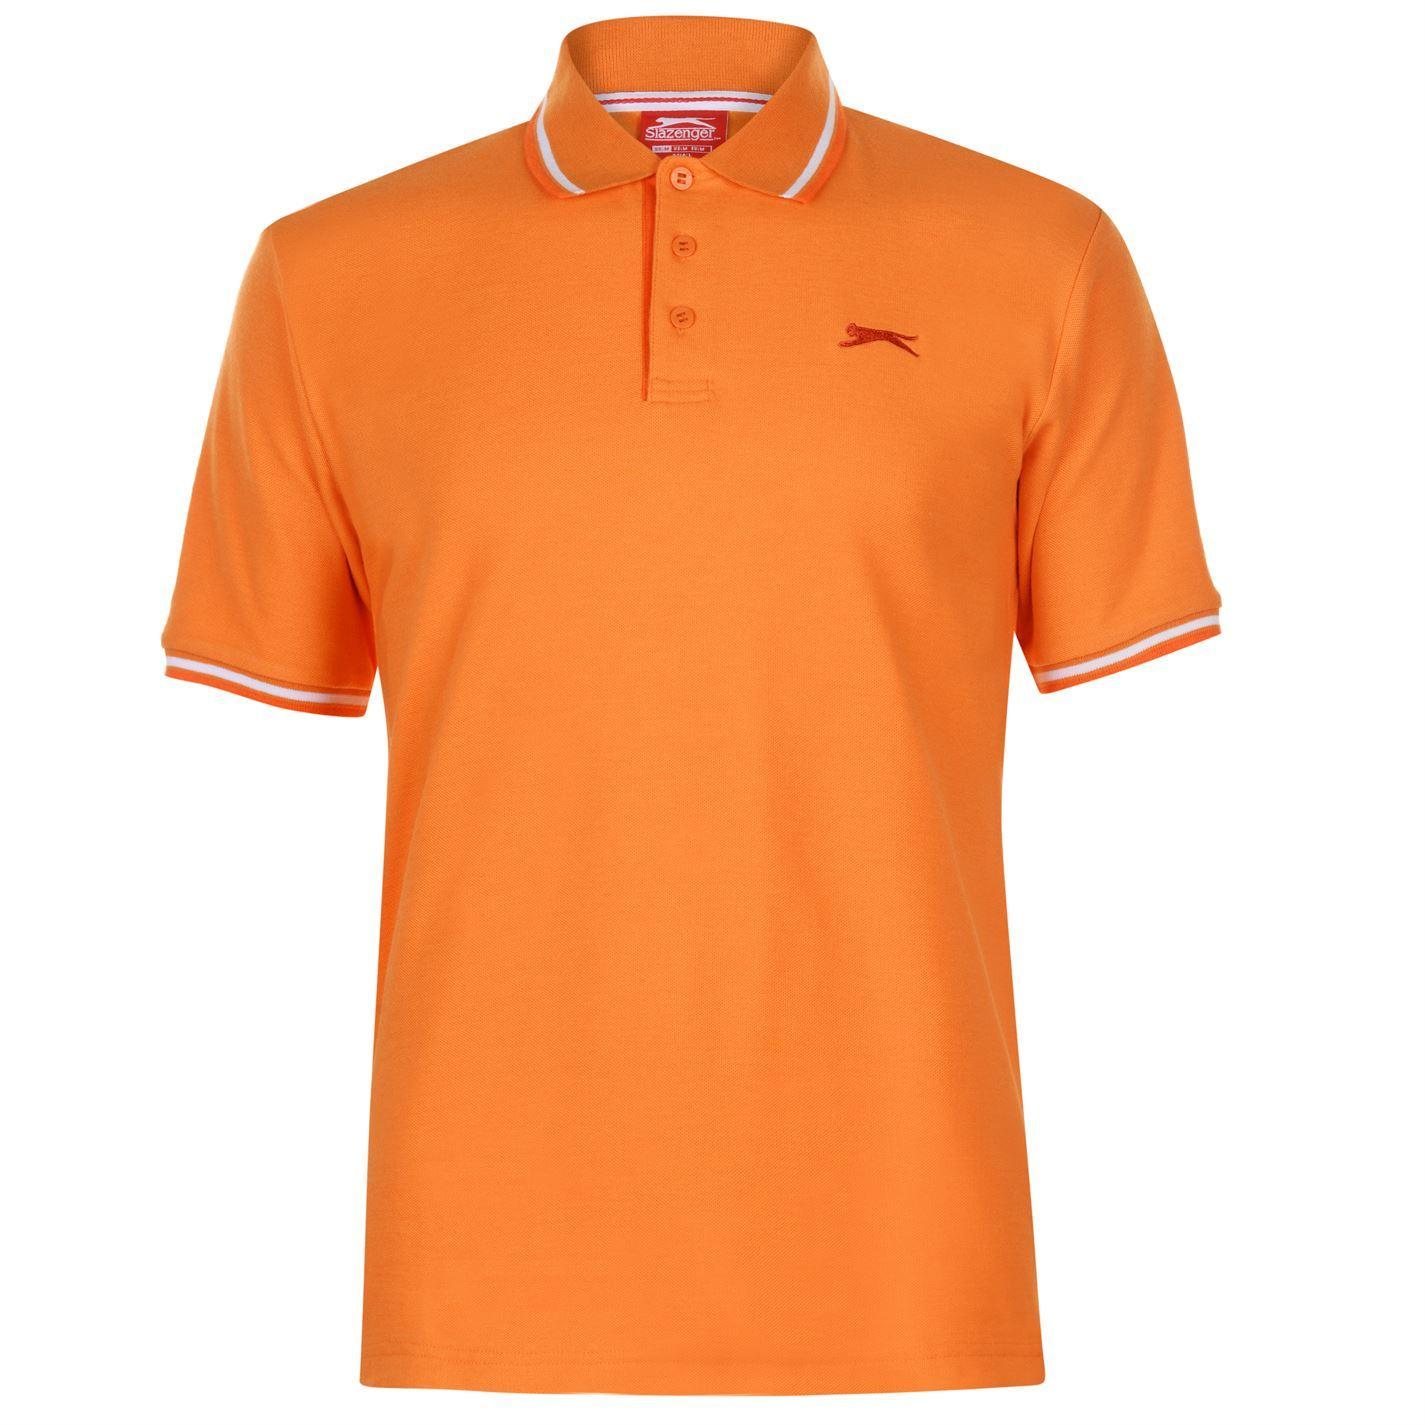 Slazenger-Polo-Camisa-de-hombre-con-cuello-con-Punta-T-Shirt-Top-Camiseta-Tee miniatura 77